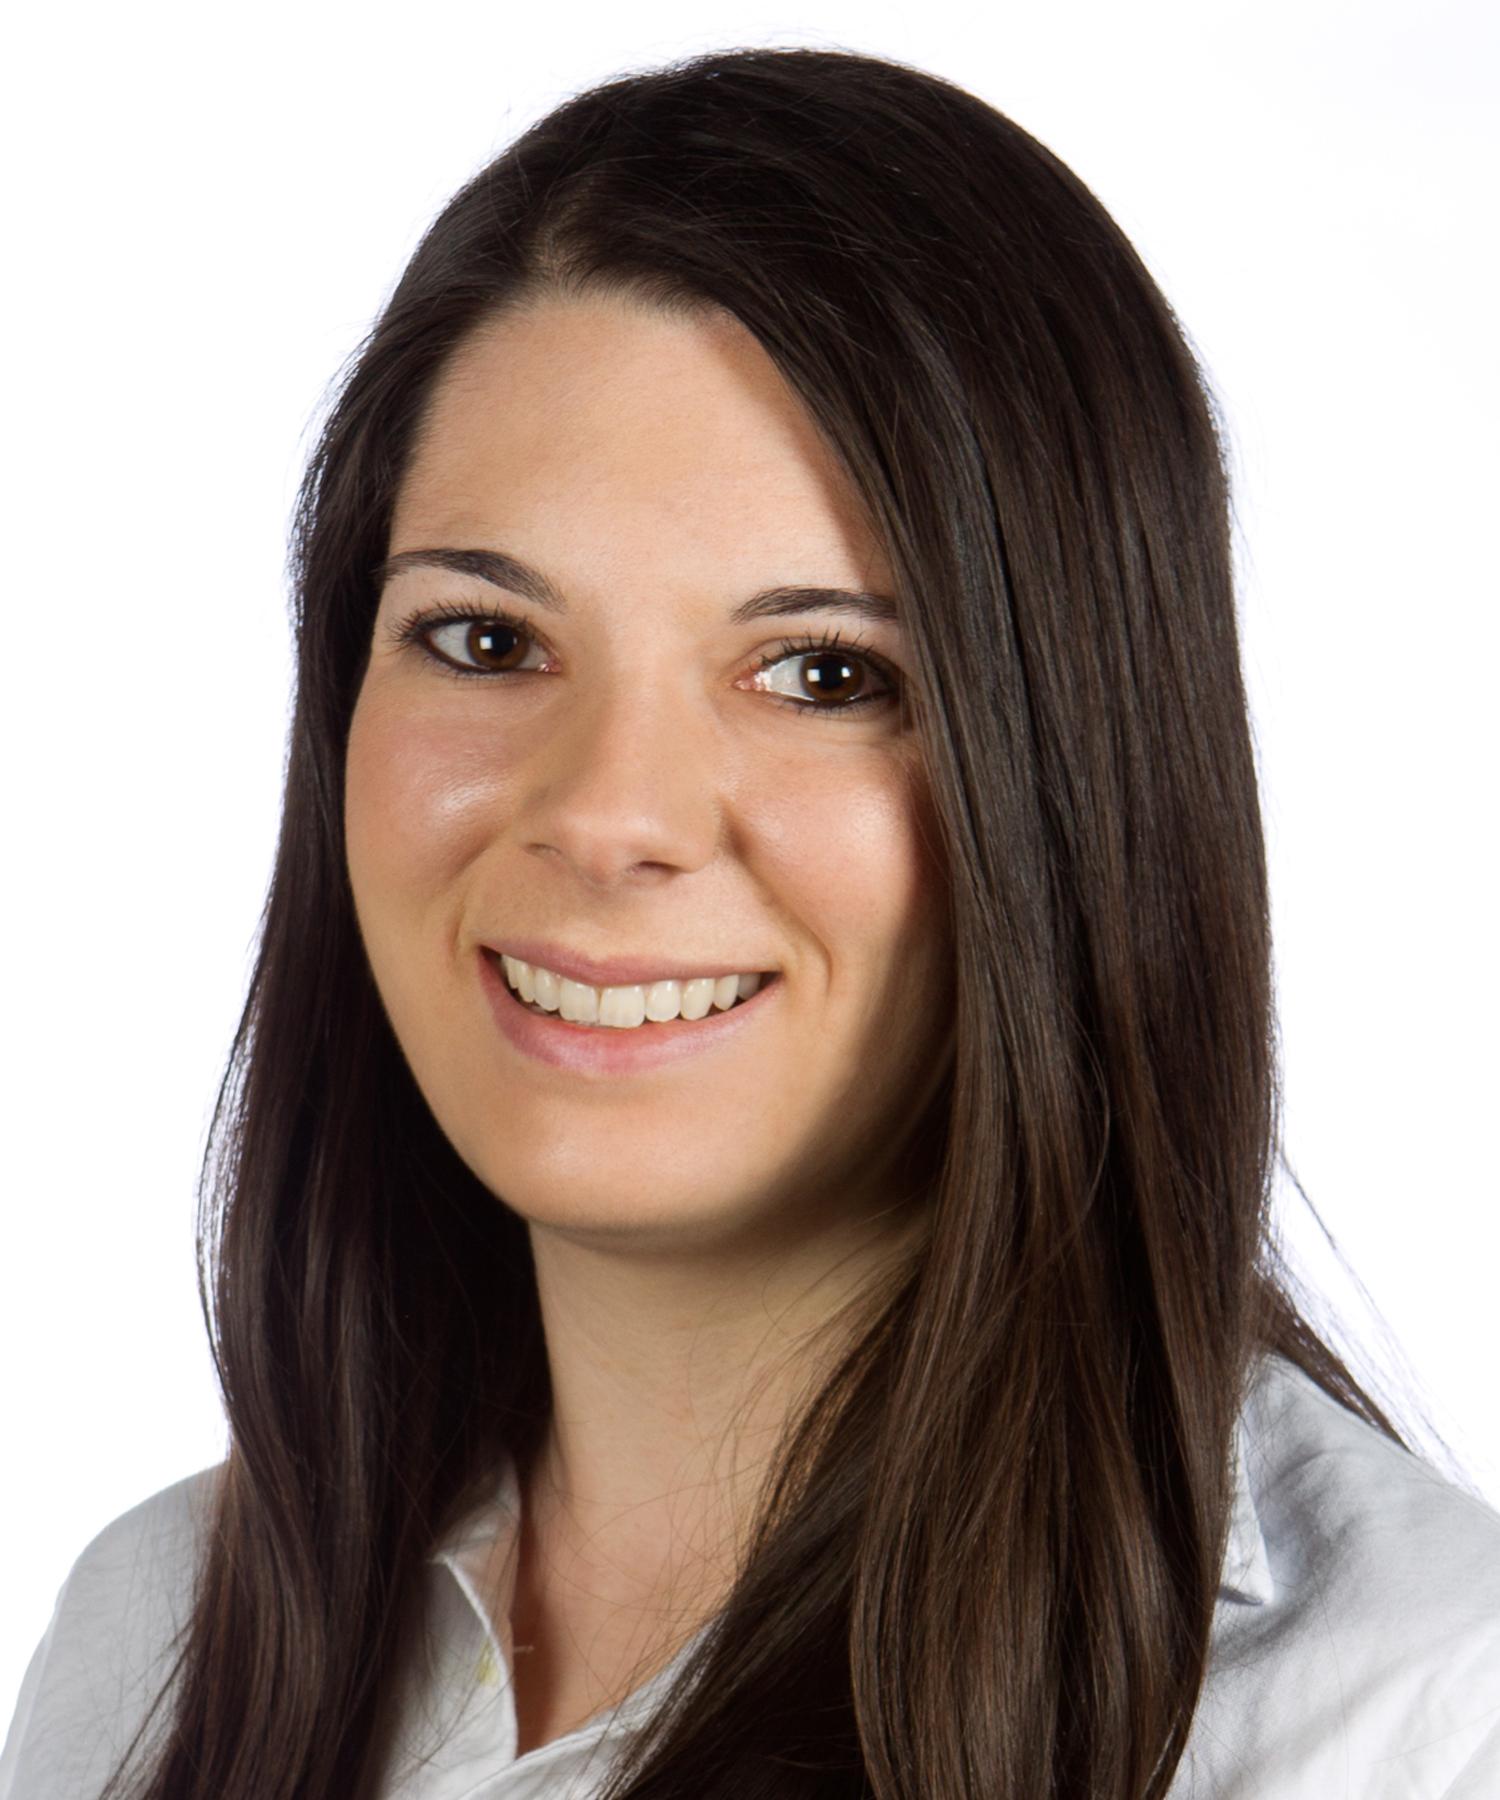 Sarah Barbosa